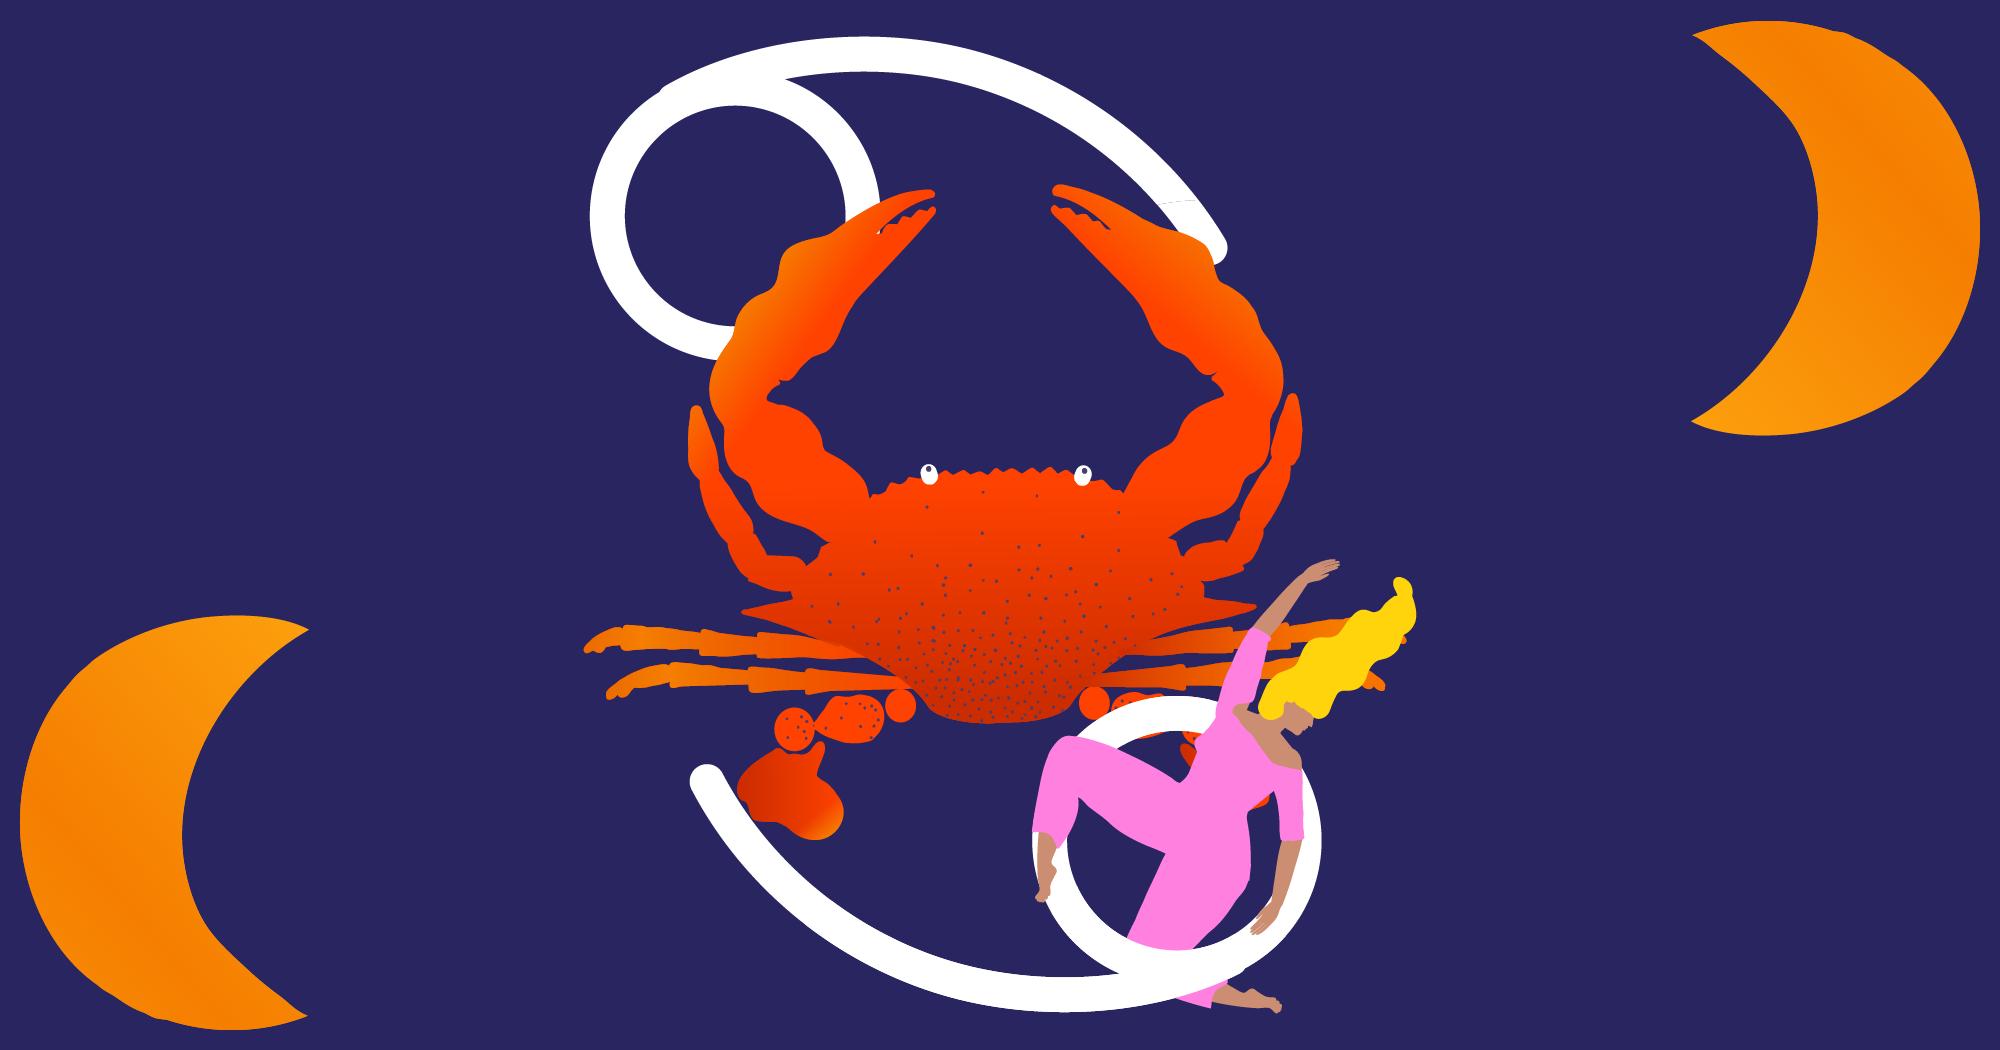 Horoscope for Wednesday, July 4, 2018